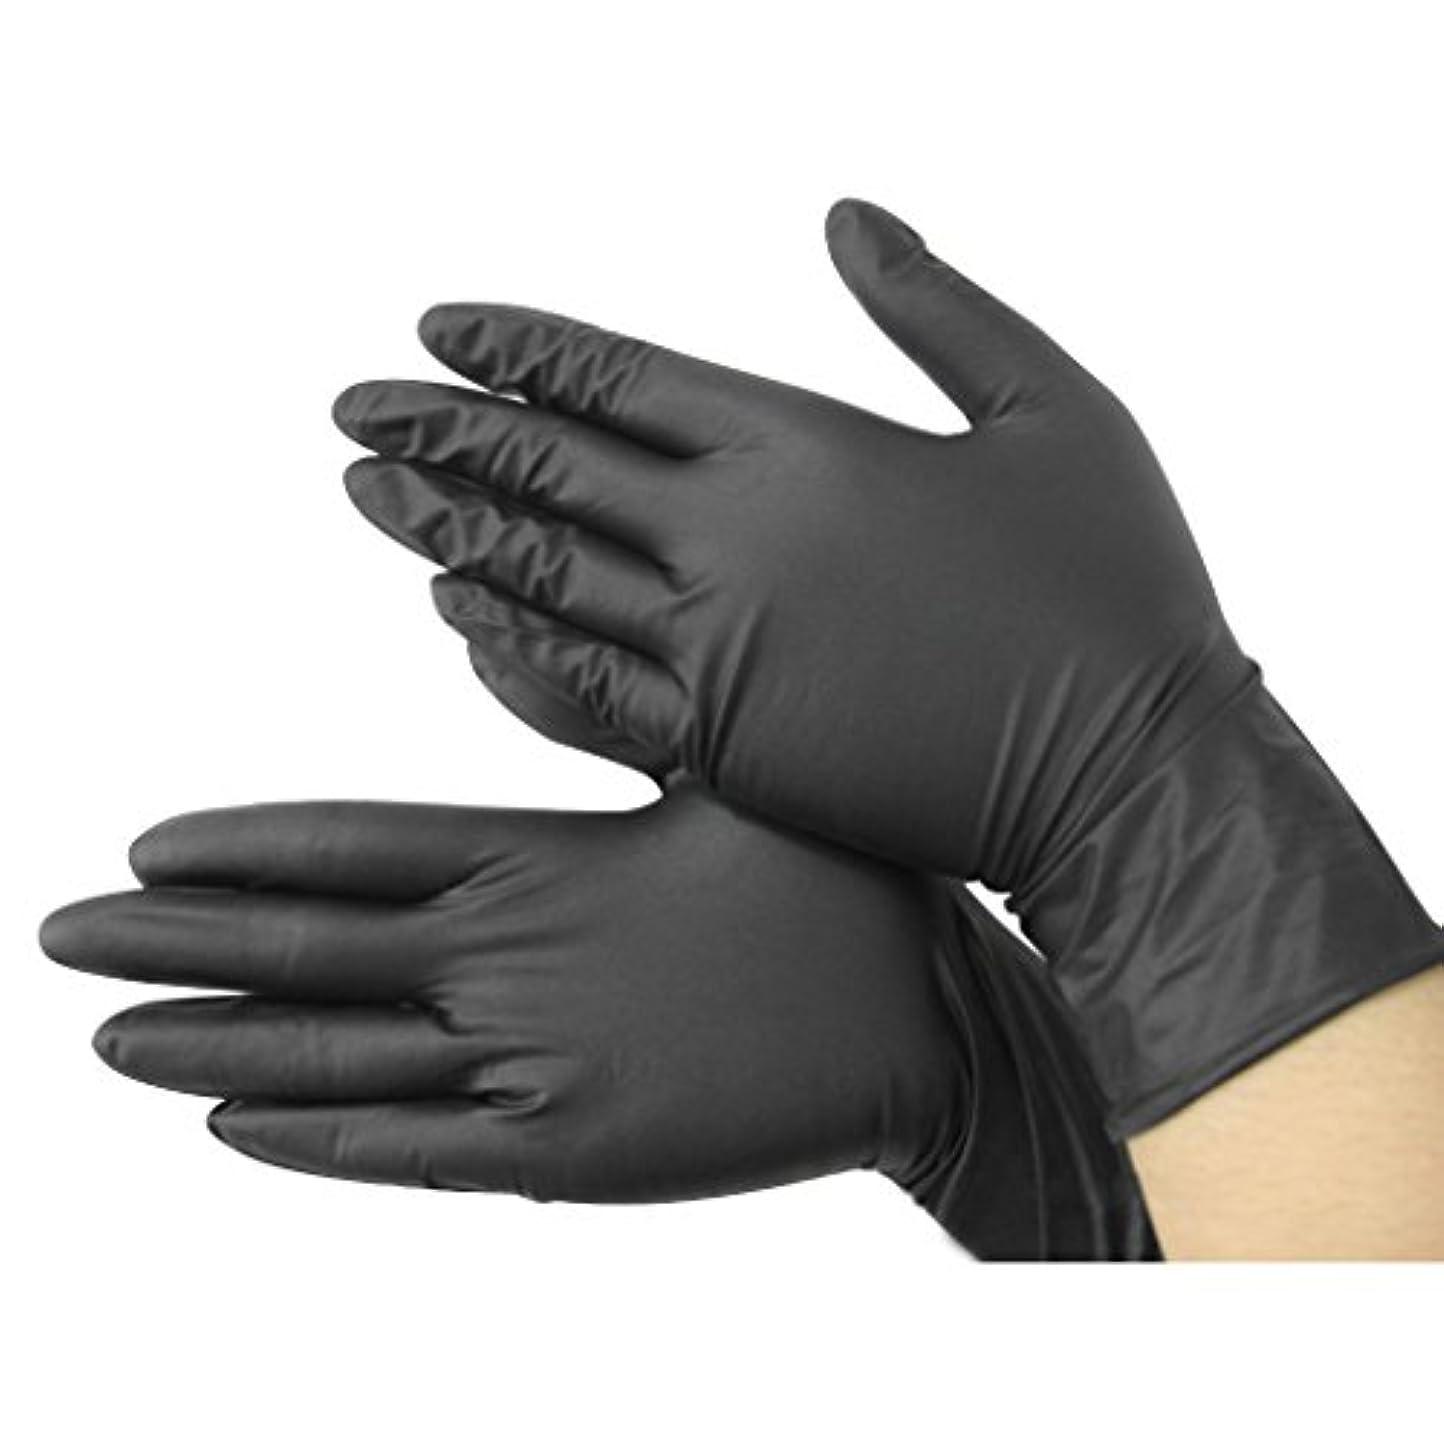 融合耕すショットACAMPTAR 黒いニトリル使い捨てクール手袋 パワーフリーX100 - 入れ墨 - メカニック 新しい